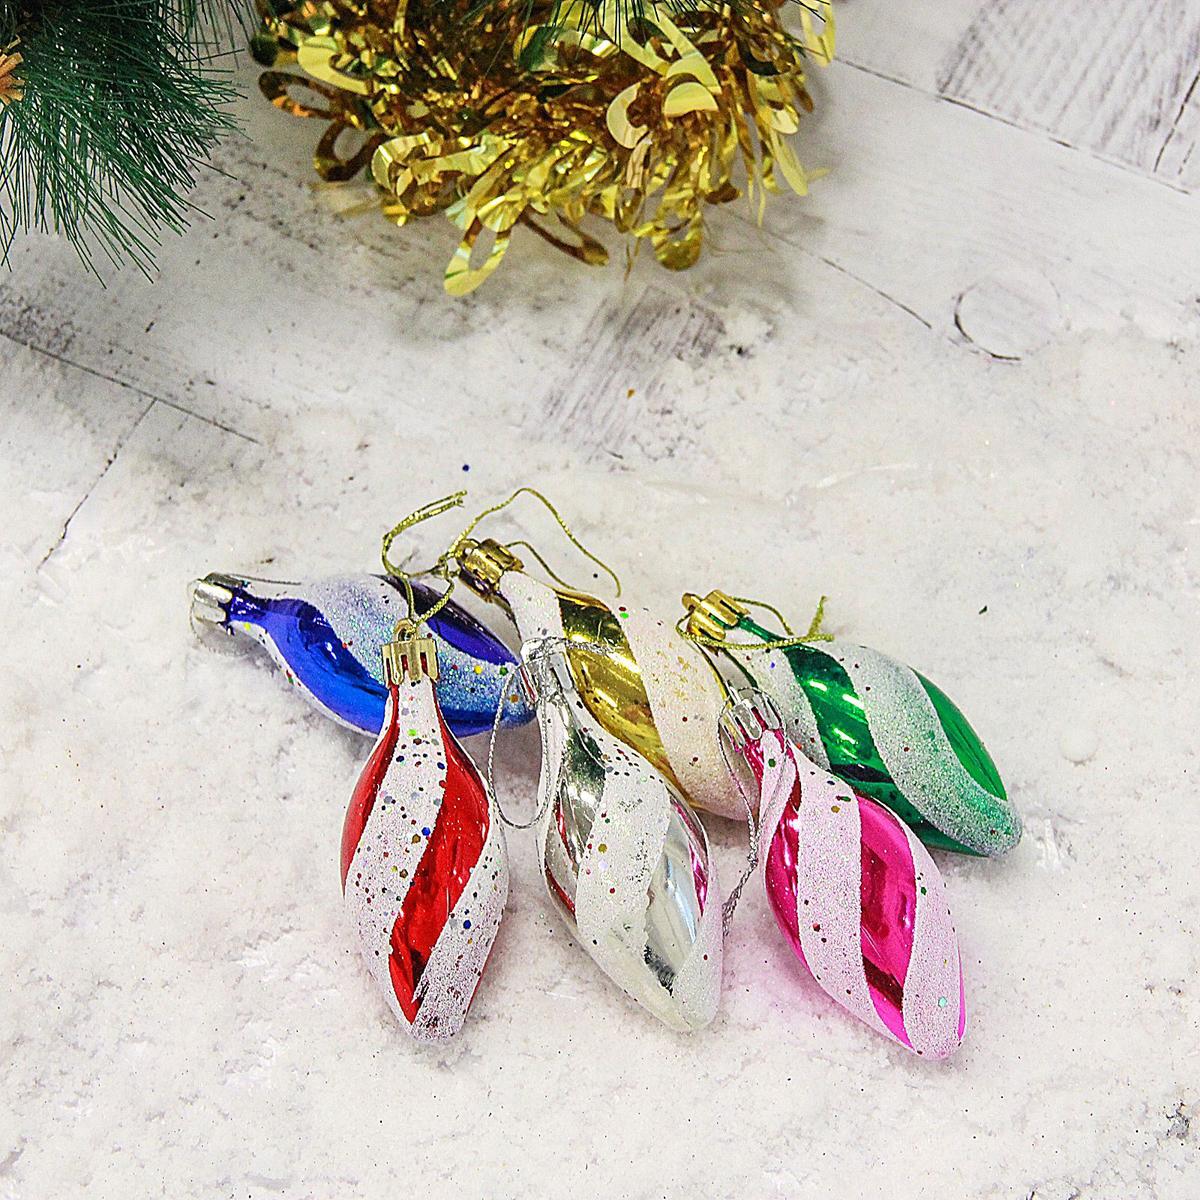 Набор новогодних подвесных украшений Сосульки, 7 х 3 см, 6 шт2178128Набор новогодних подвесных украшений отлично подойдет для декорации вашего дома и новогодней ели. С помощью специальной петельки украшение можно повесить в любом понравившемся вам месте. Но, конечно, удачнее всего оно будет смотреться на праздничной елке.Елочная игрушка - символ Нового года. Она несет в себе волшебство и красоту праздника. Такое украшение создаст в вашем доме атмосферу праздника, веселья и радости.